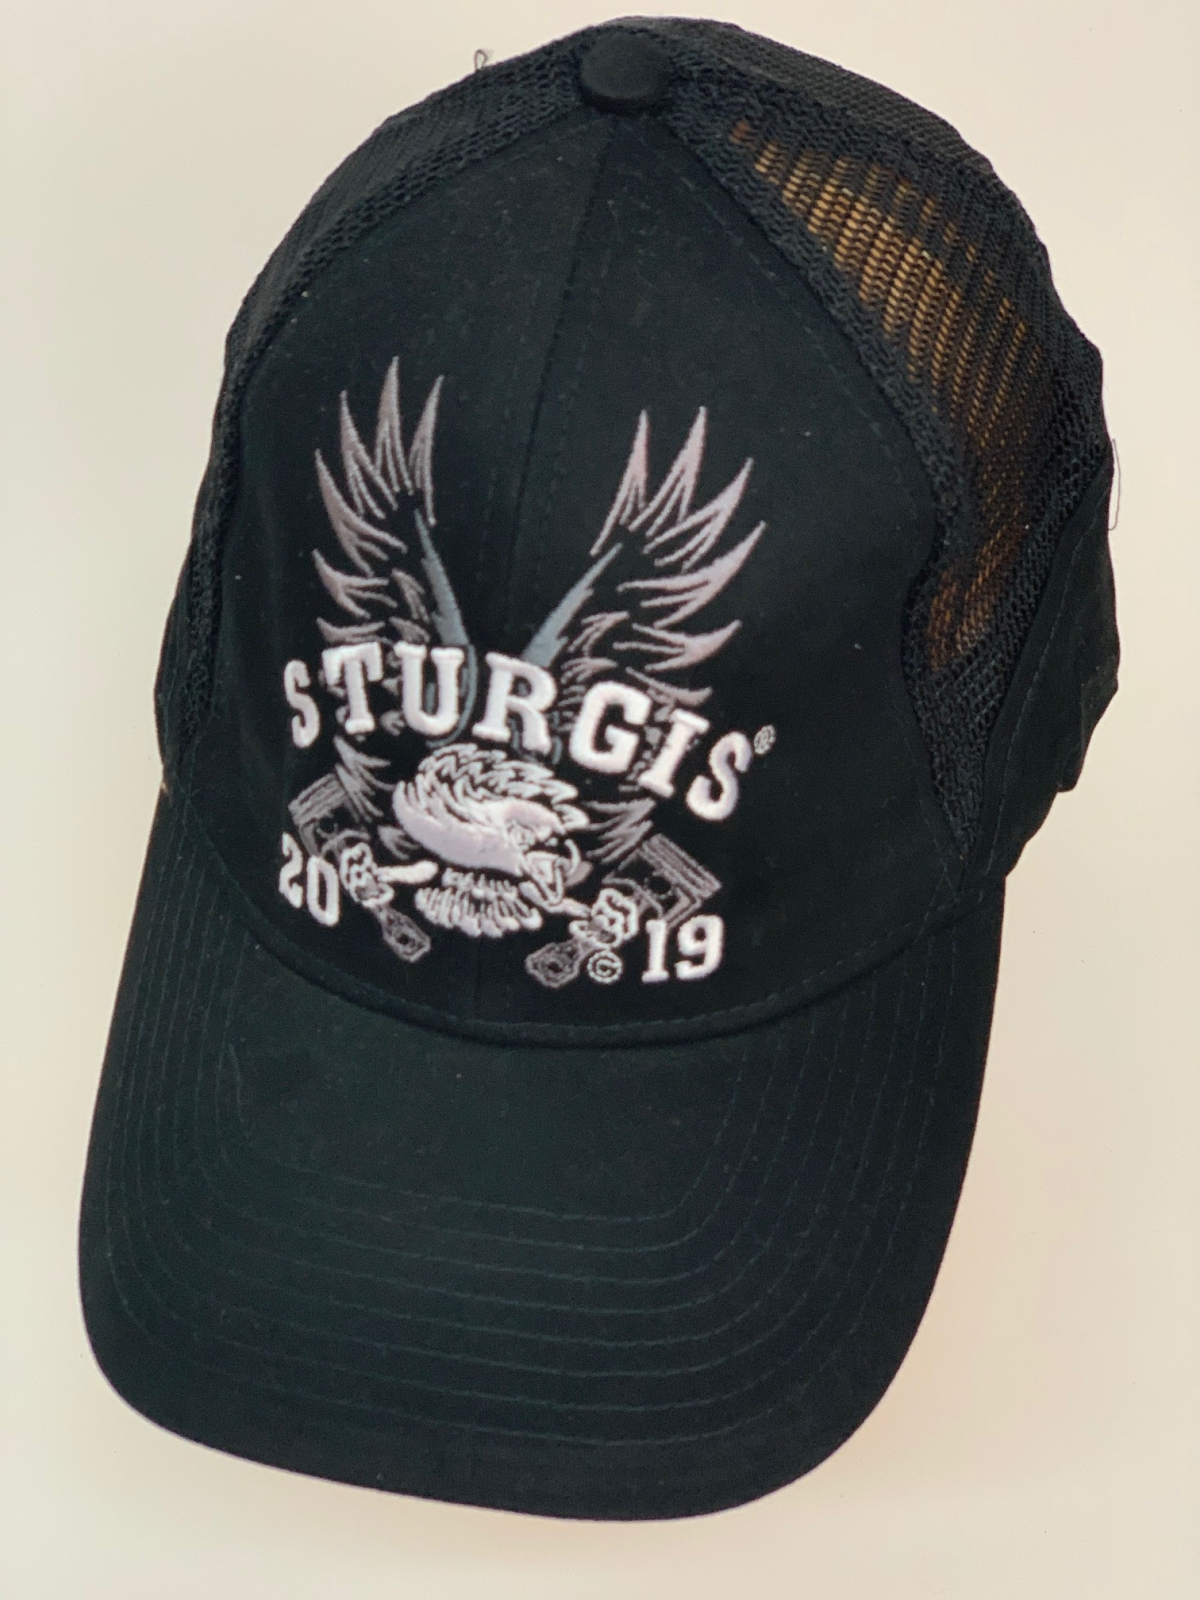 Бейсболка Sturgis с вышитыми крыльями байкеру